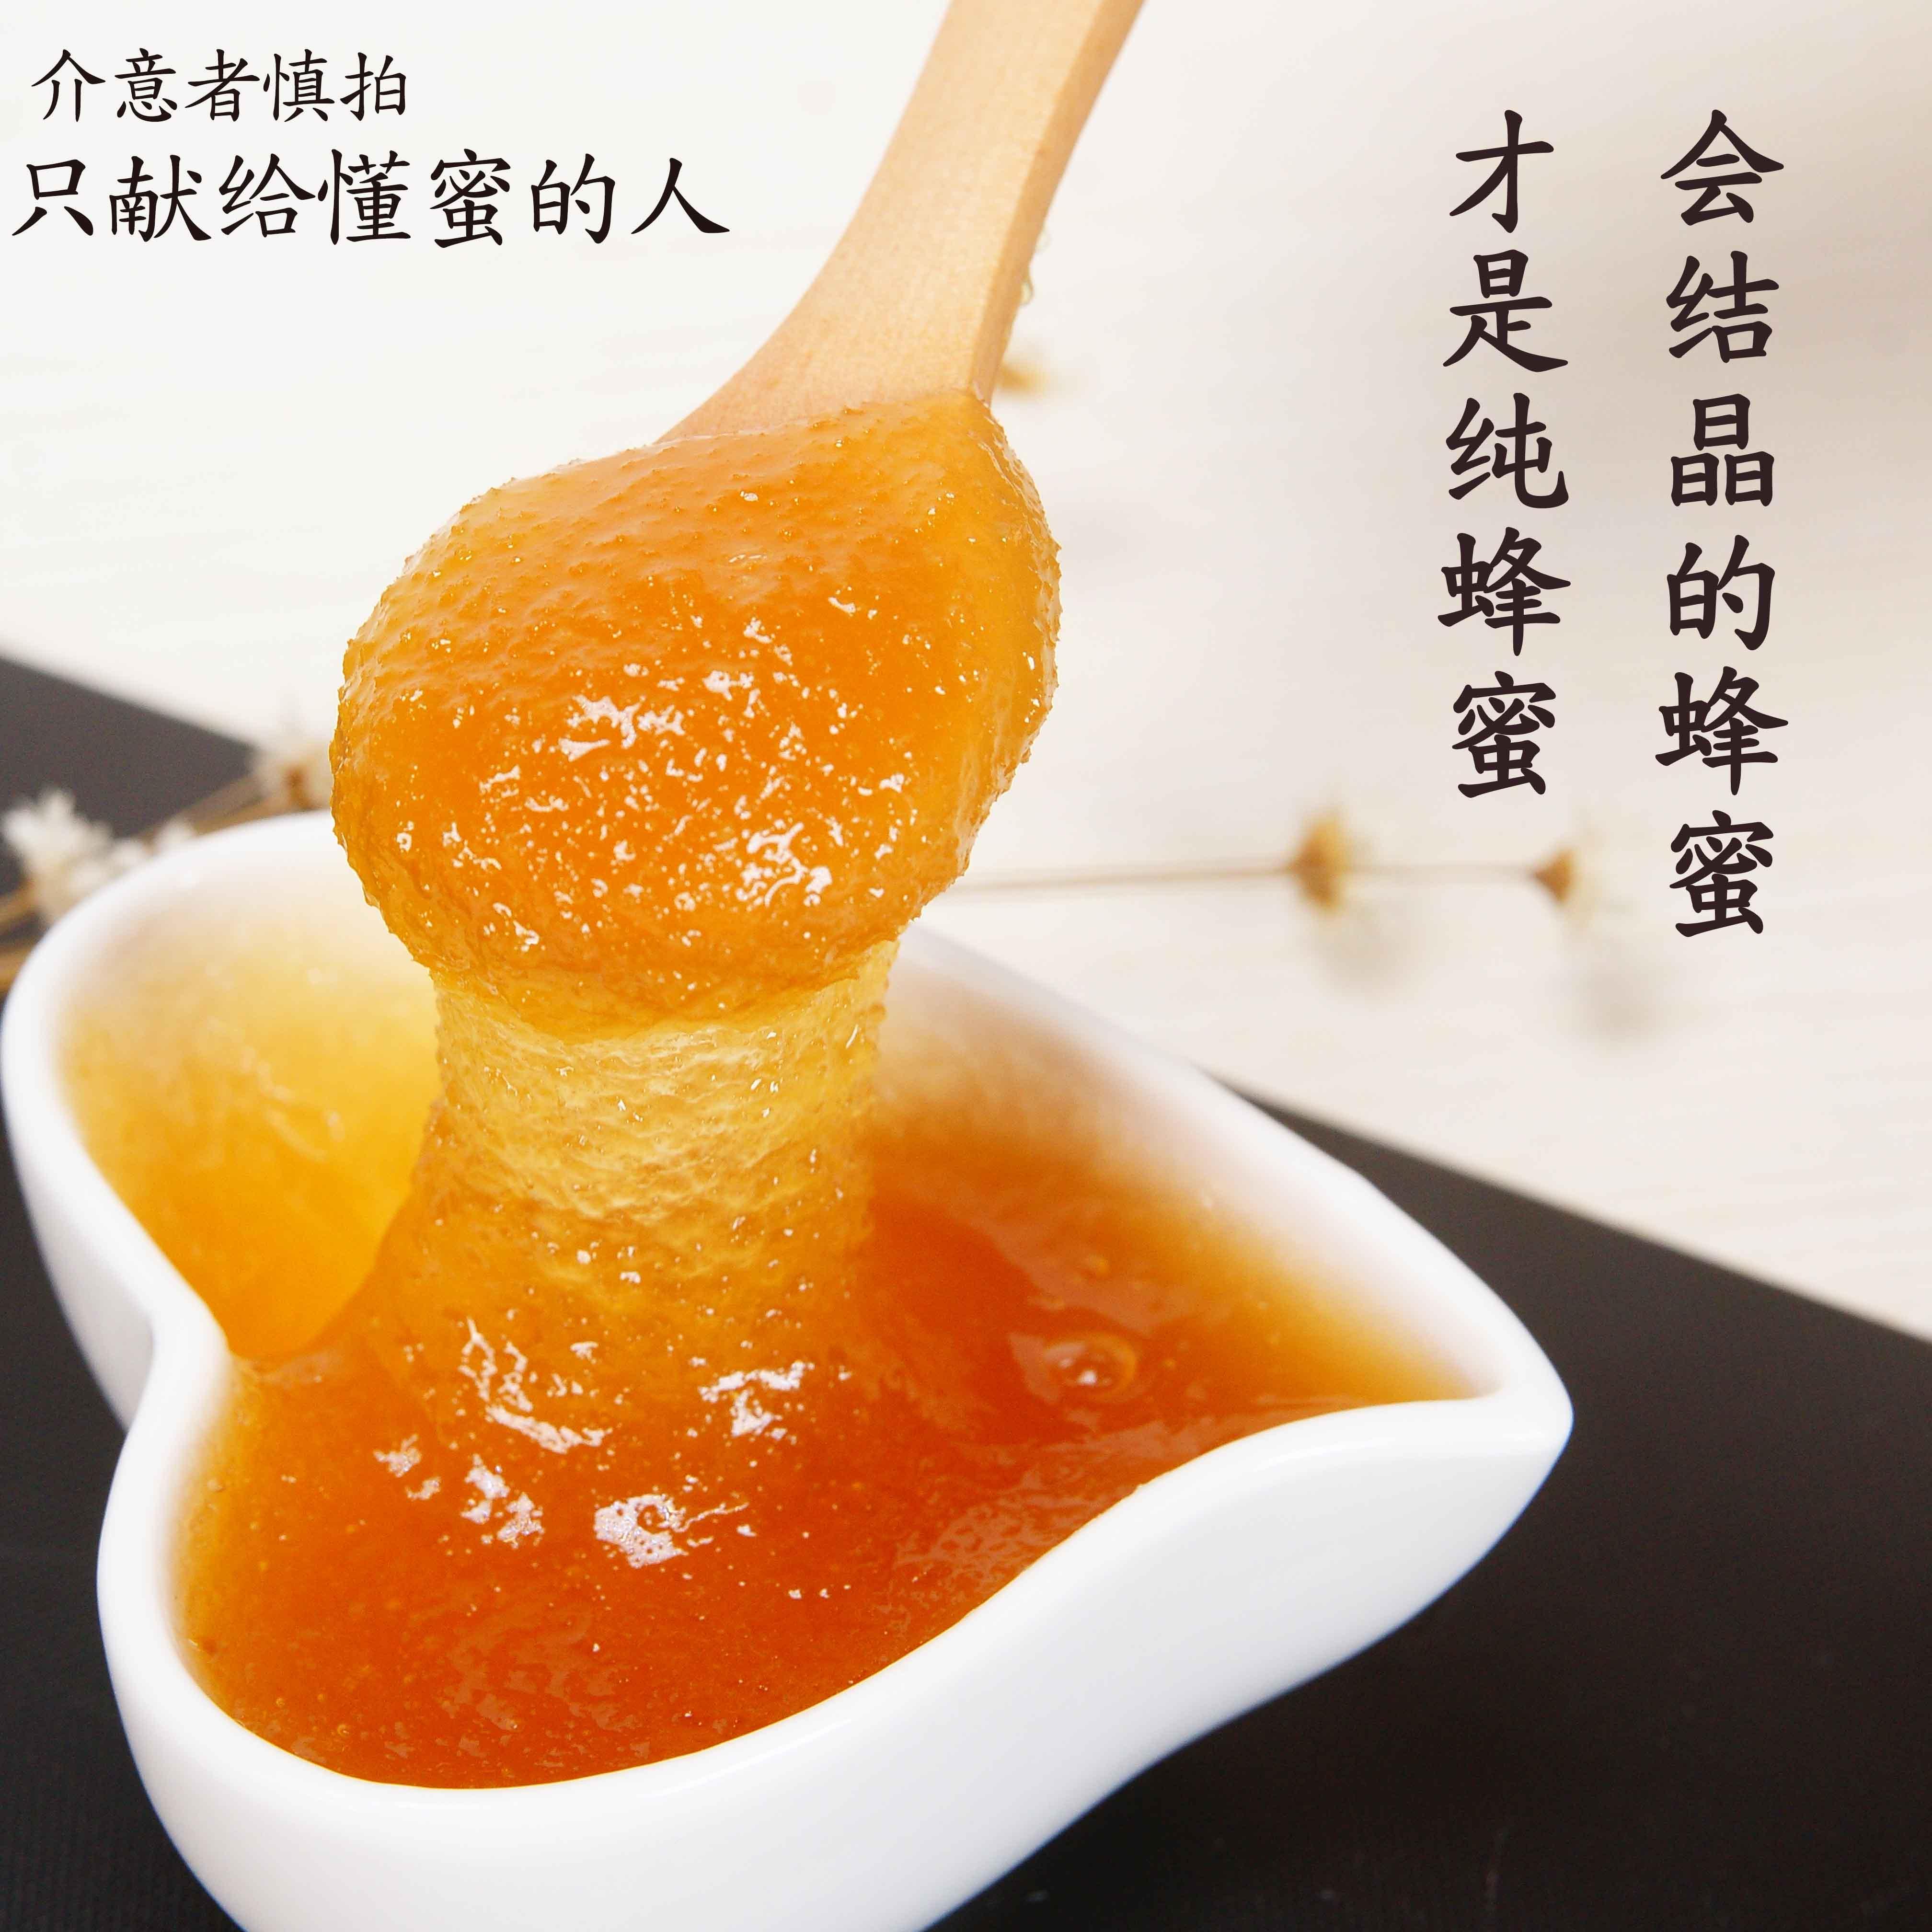 蜂蜜纯正天然农家自产百花蜜自家养结晶百花蜂蜜500g非野生土1斤